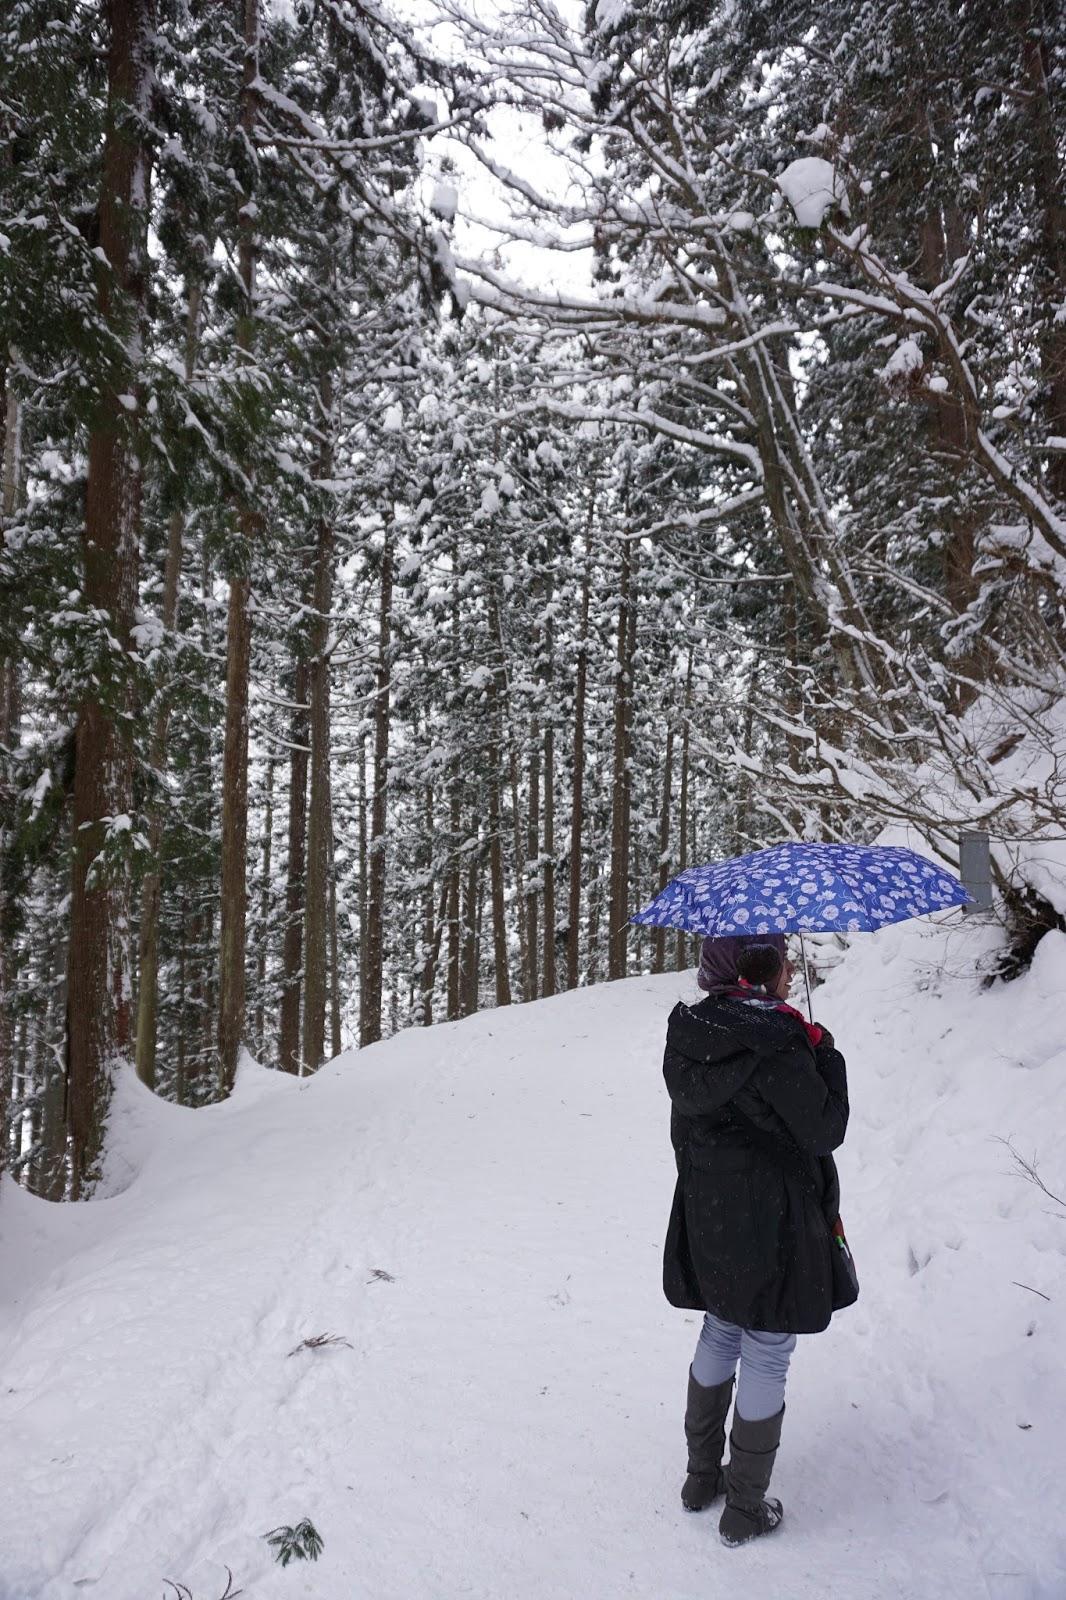 Hasil gambar untuk wanita berhijab di salju